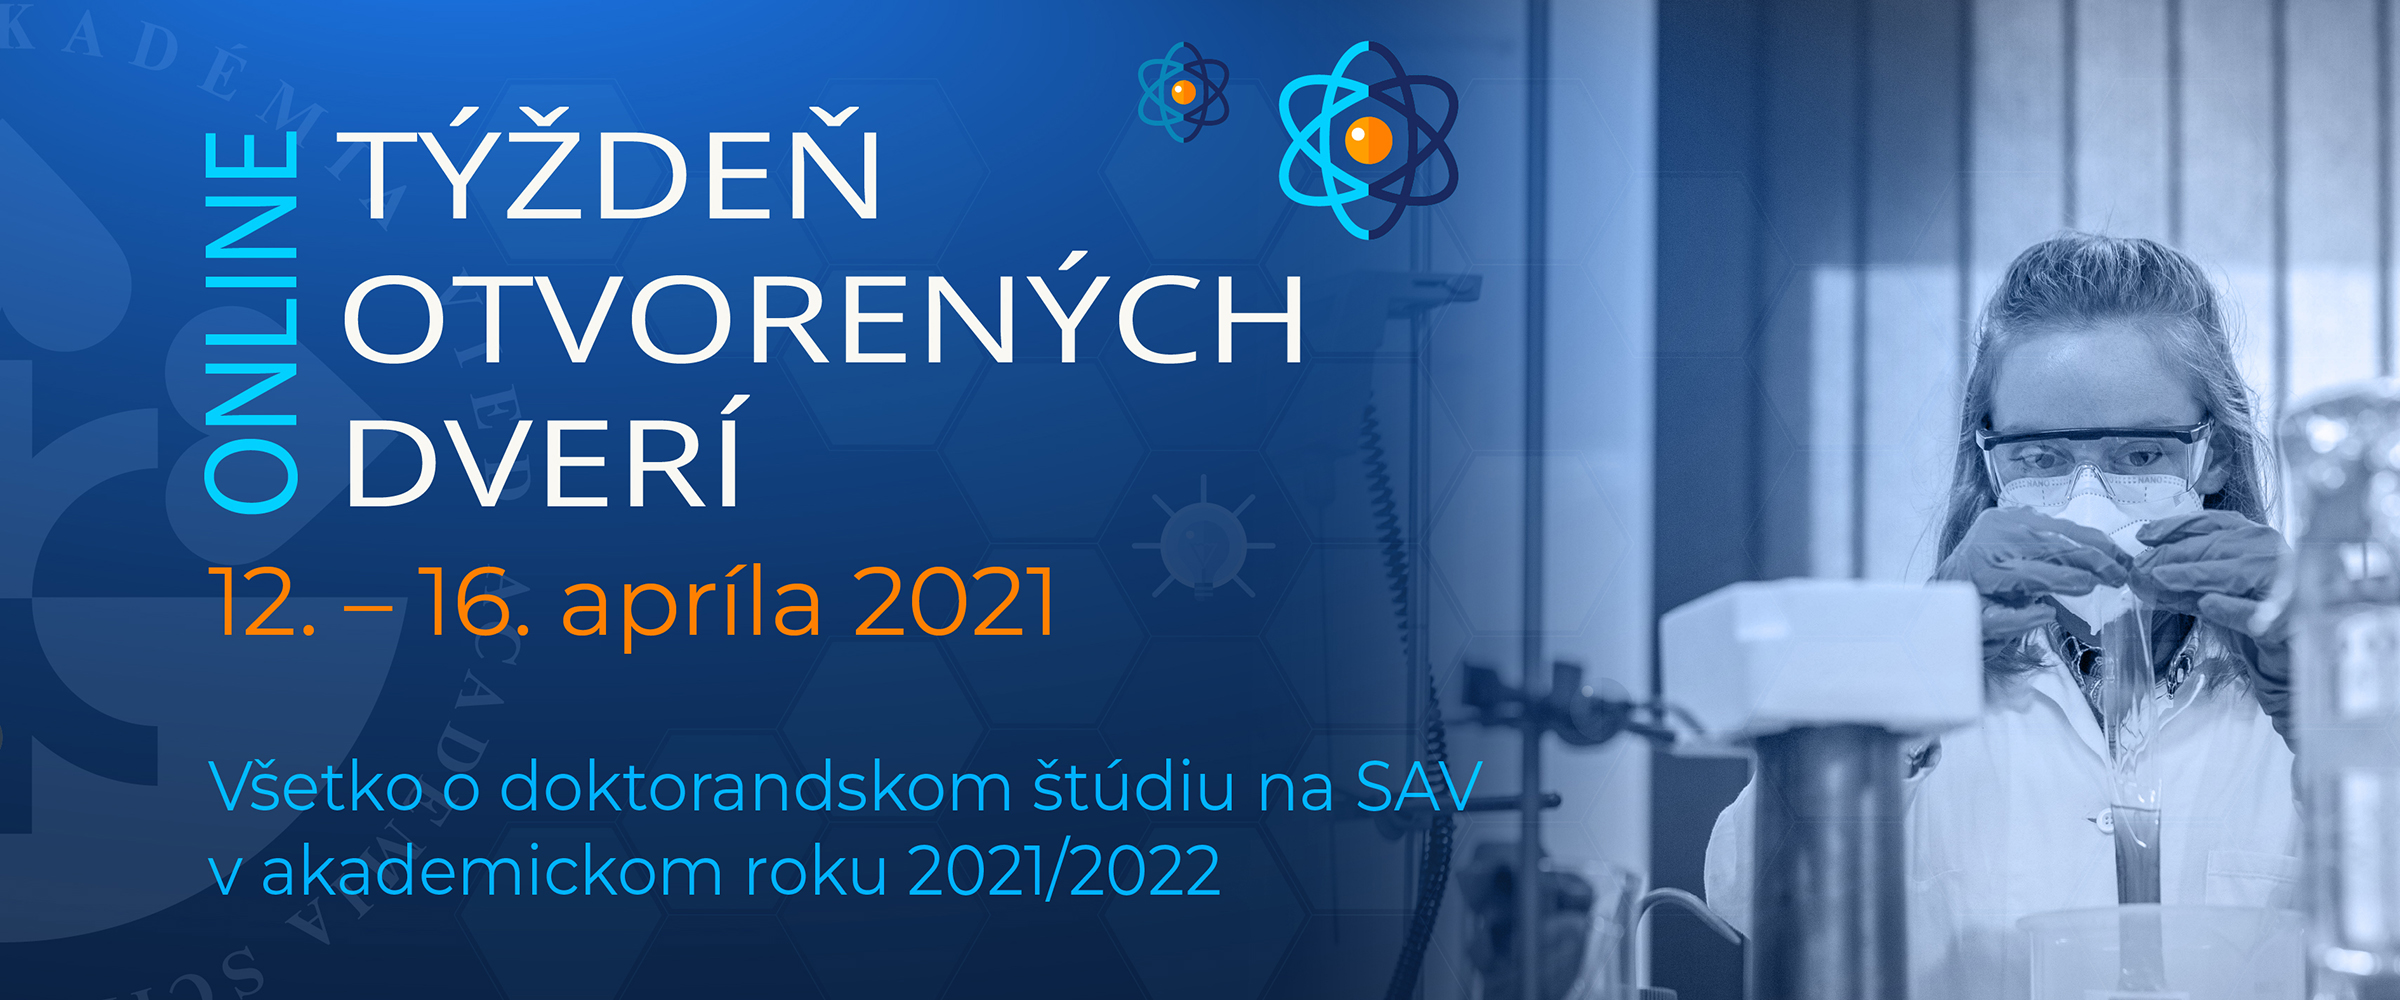 Online Týždeň otvorených dverí 12. - 16. apríl 2021. Všetko o doktorandskom štúdiu na SAV v AR 2021/2022